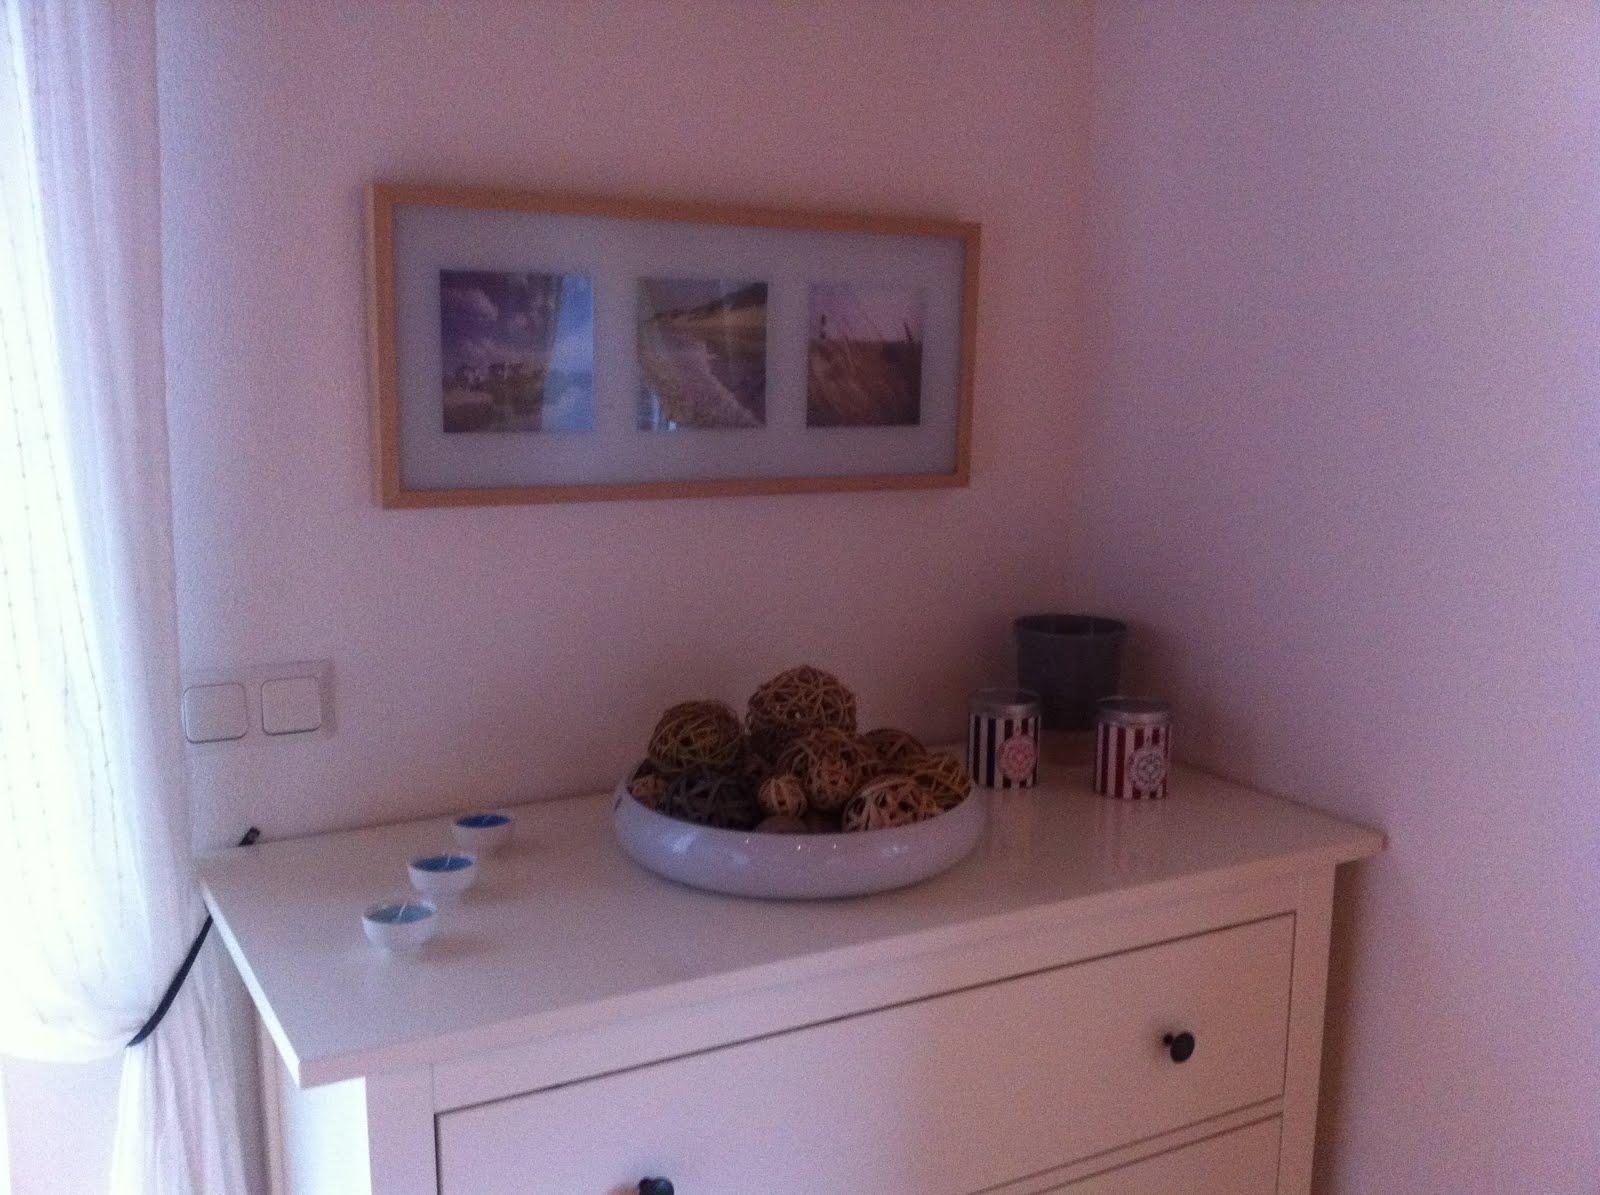 Vier Pfoten in vier Wänden!: Alles neu macht der.....IKEA!!!!